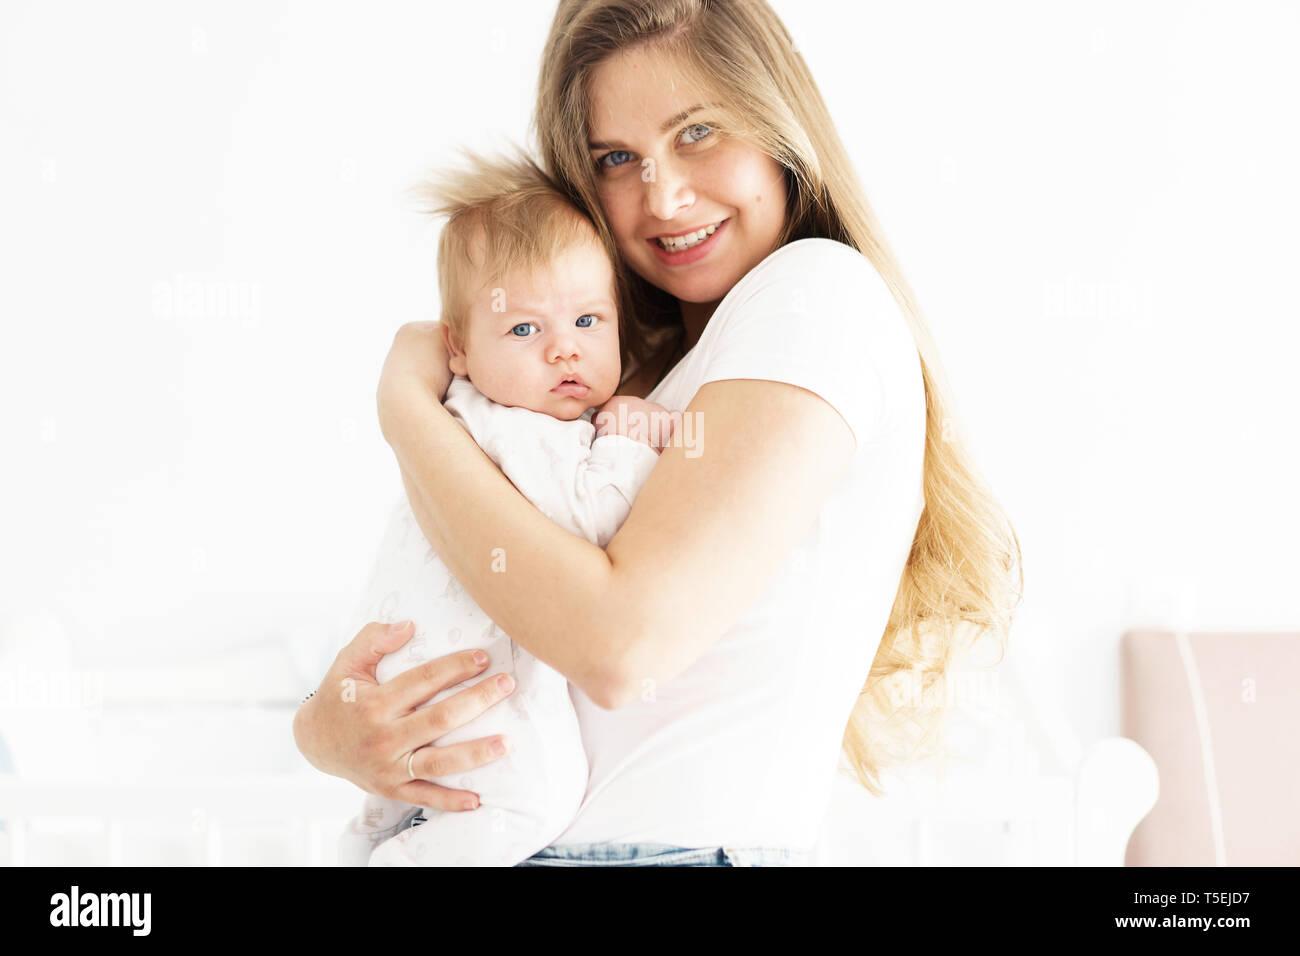 Mutter und neugeborenen Sohn in ihre Arme. Das Konzept des neuen Lebens, der Liebe und der Hilflosigkeit. Lippen bogen Stockbild